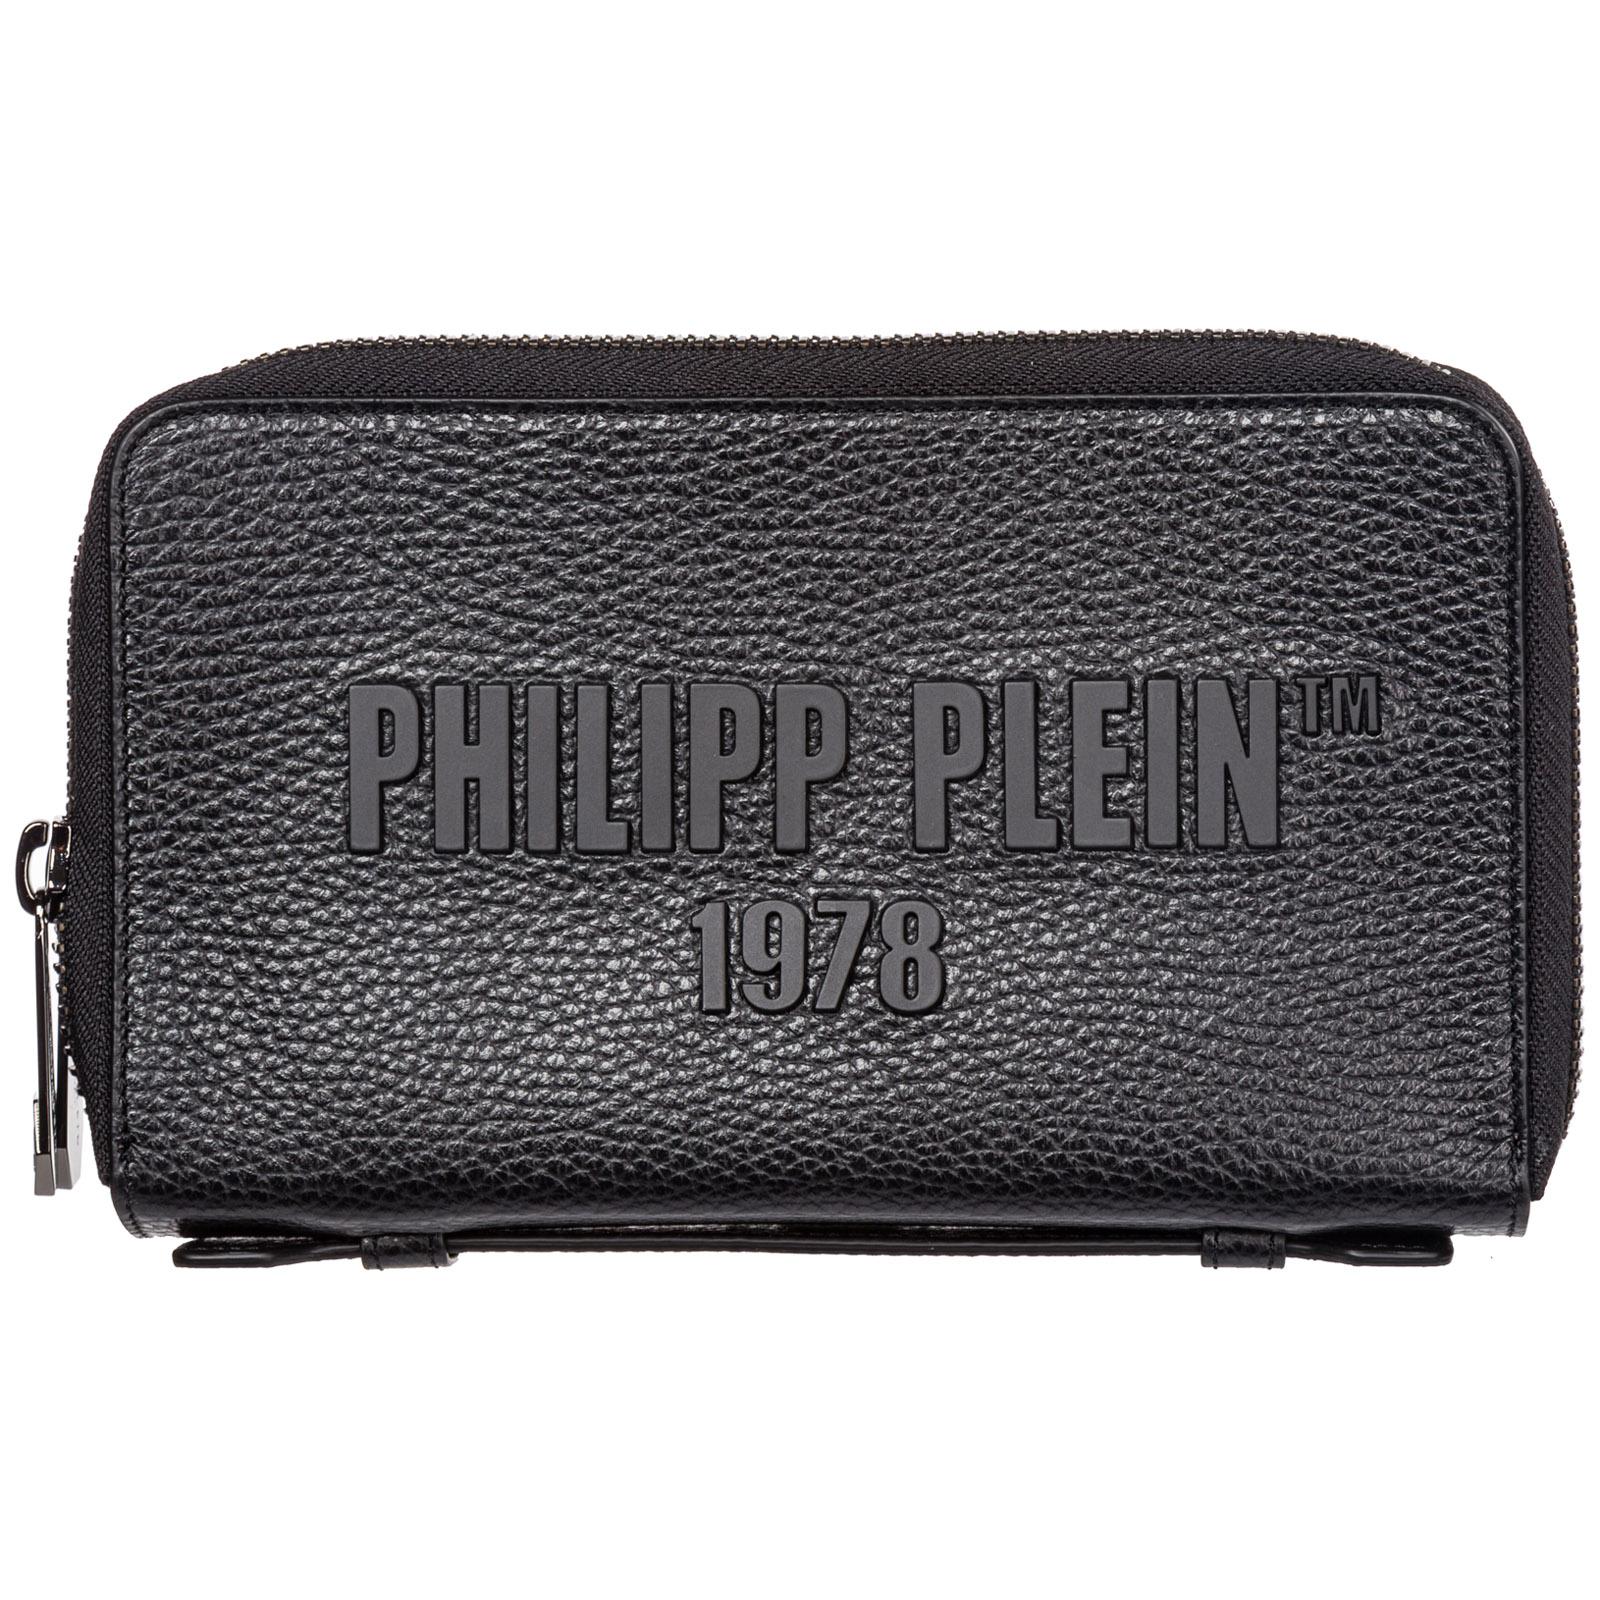 Philipp Plein MEN'S BRIEFCASE DOCUMENT HOLDER WALLET PP1978